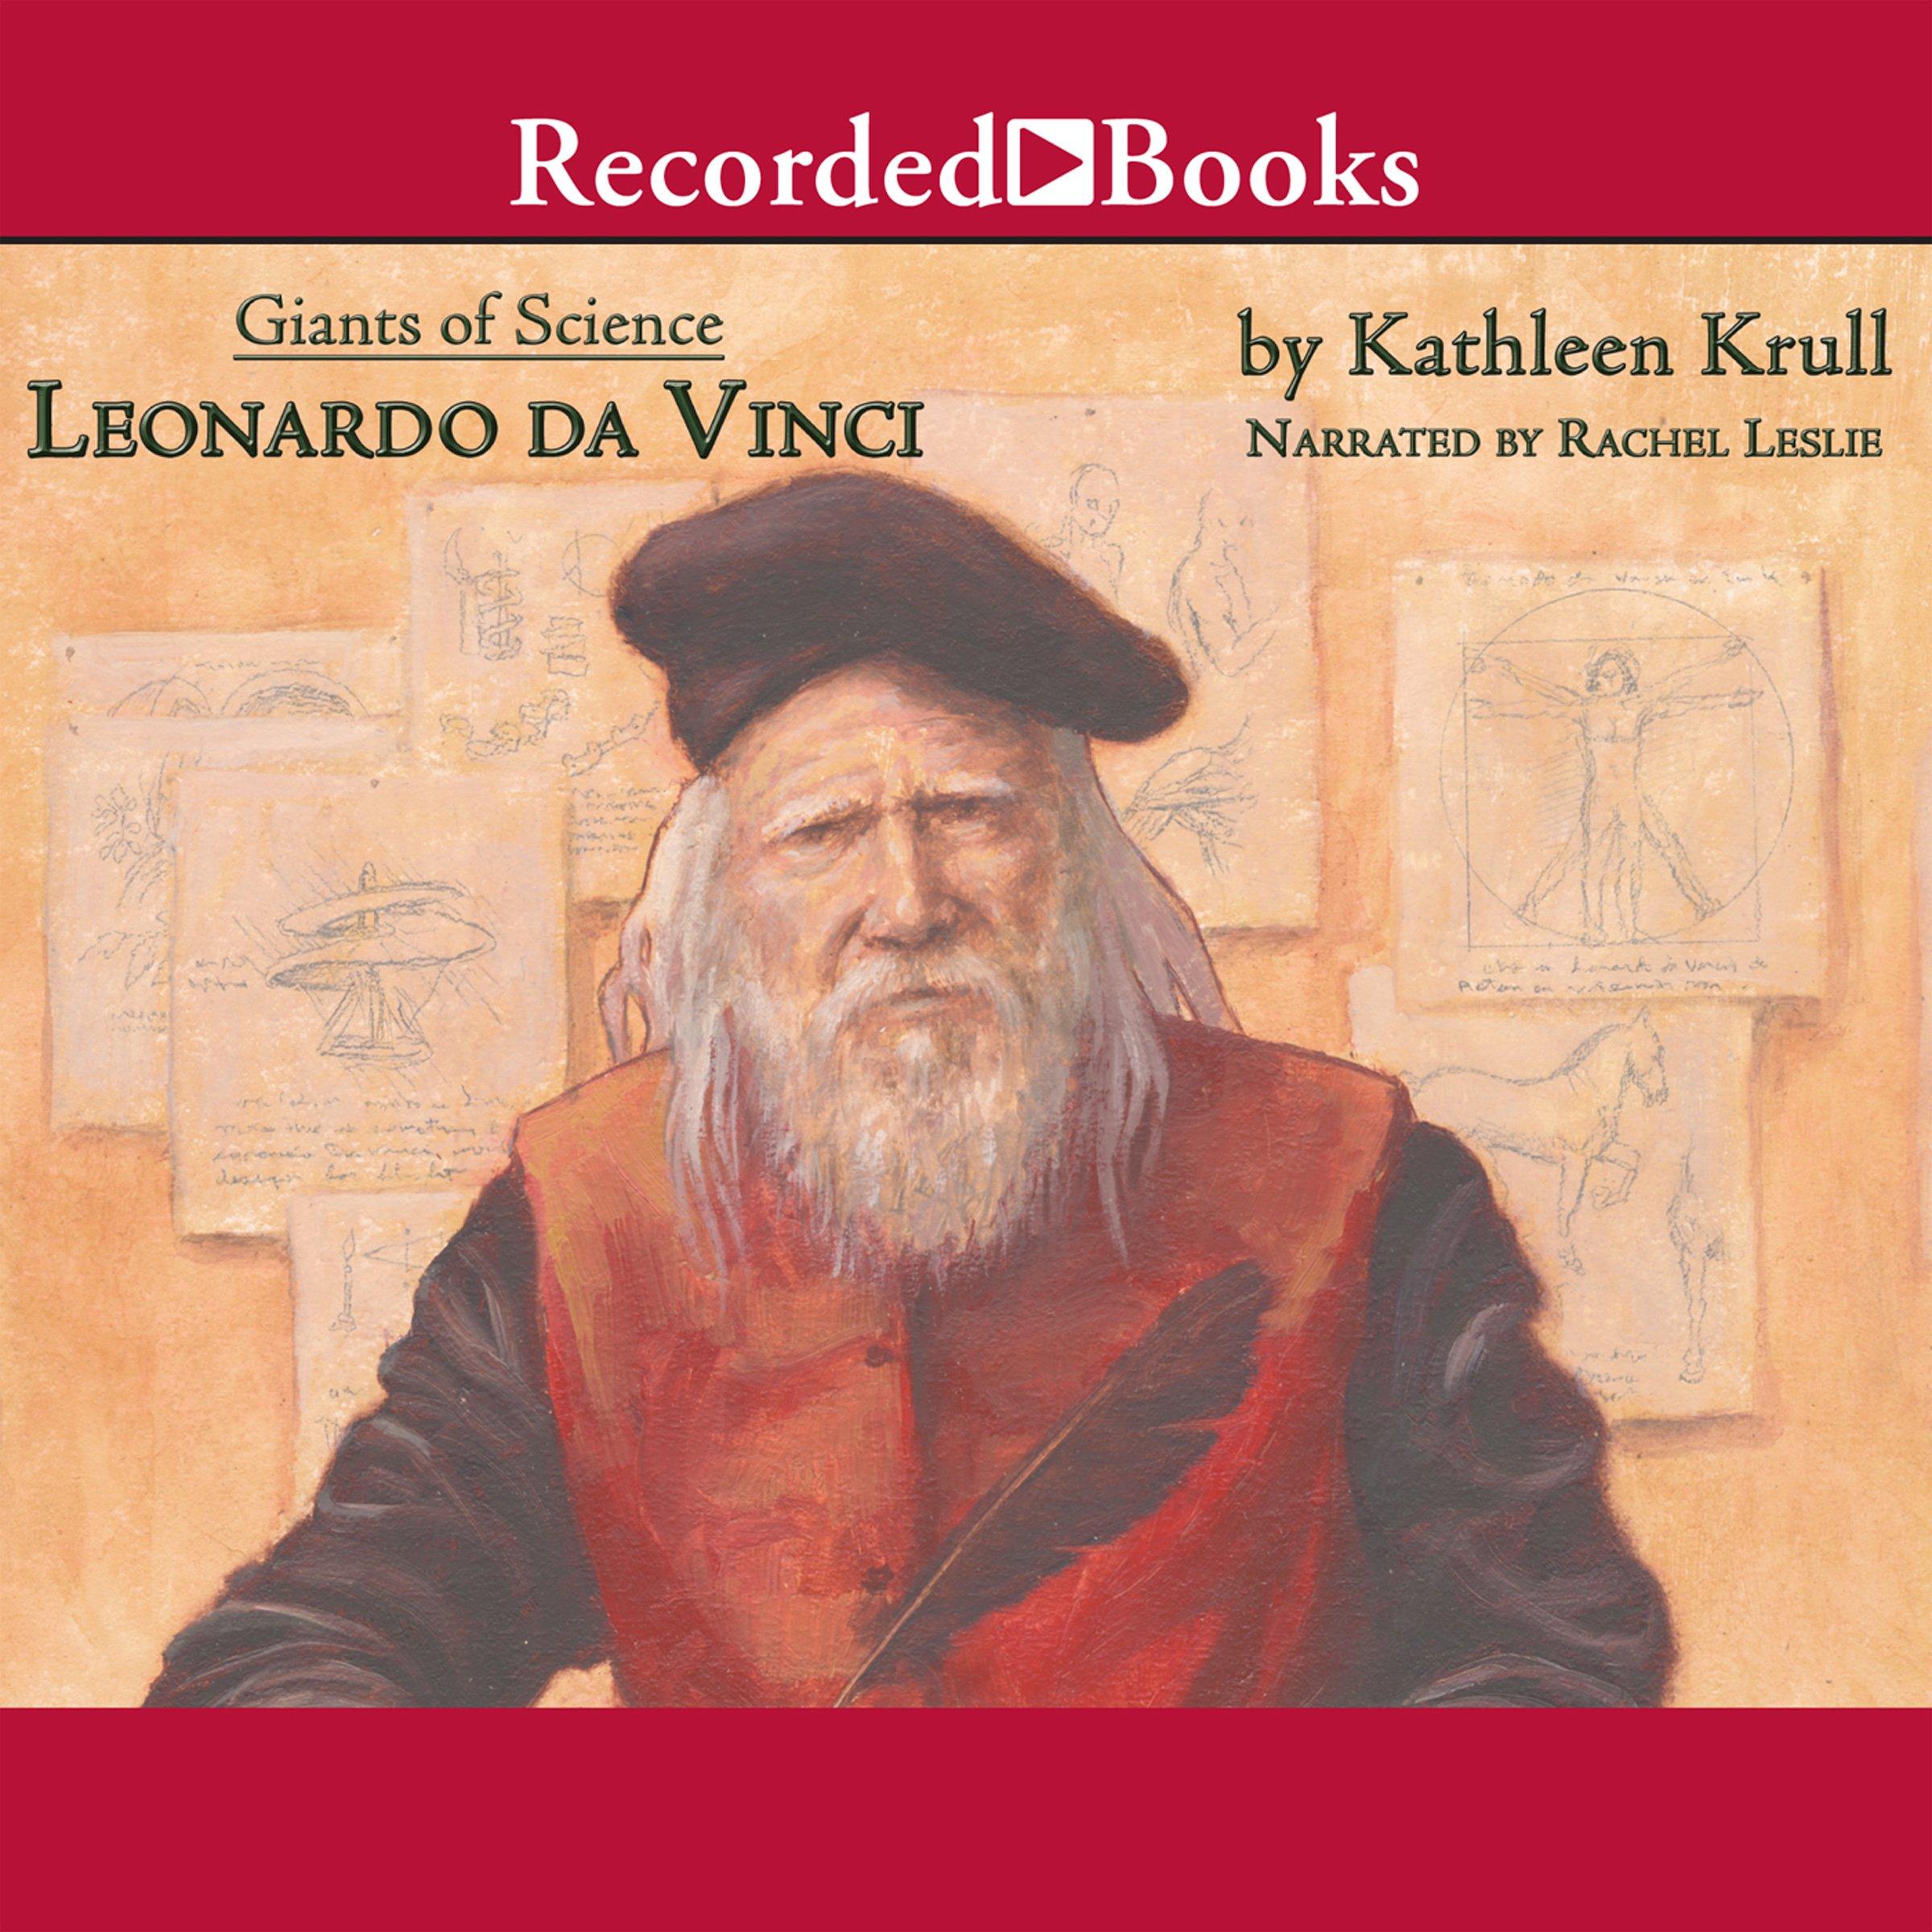 Giants of Science: Leonardo da Vinci